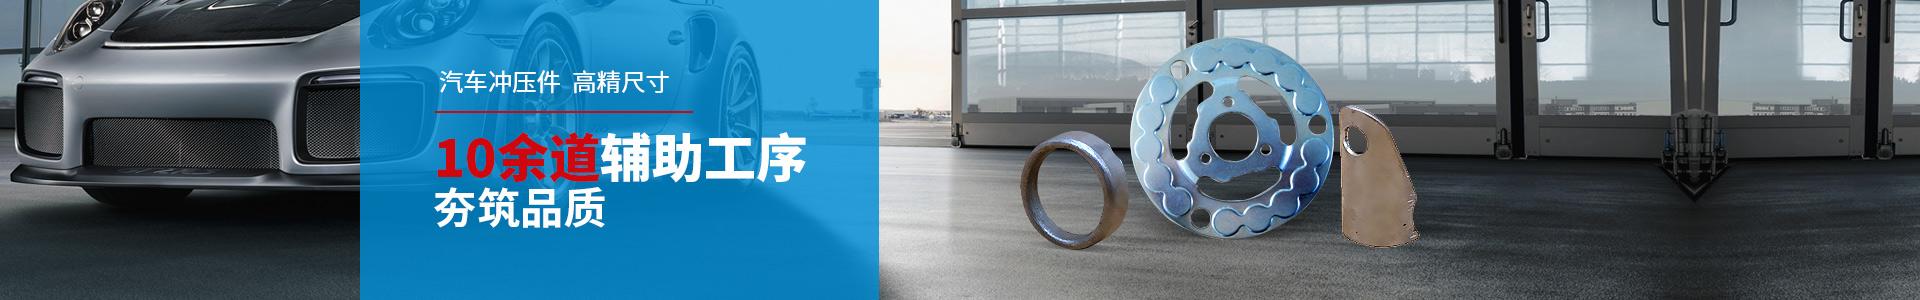 隆杰机电汽车冲压件高精尺寸,10余道辅助工序夯筑品质